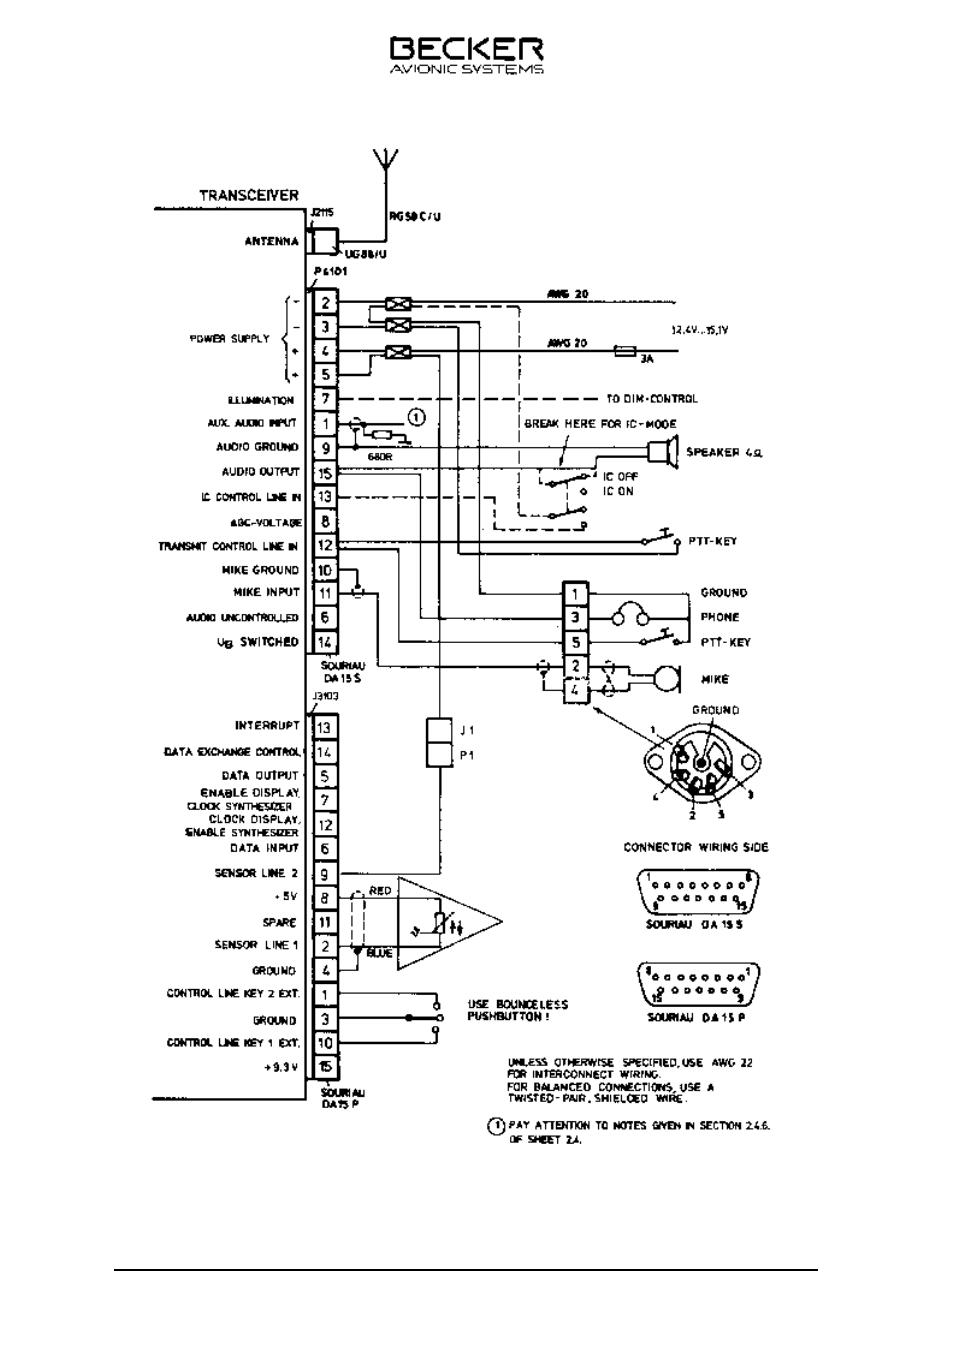 medium resolution of circuit diagram symbols grade 9